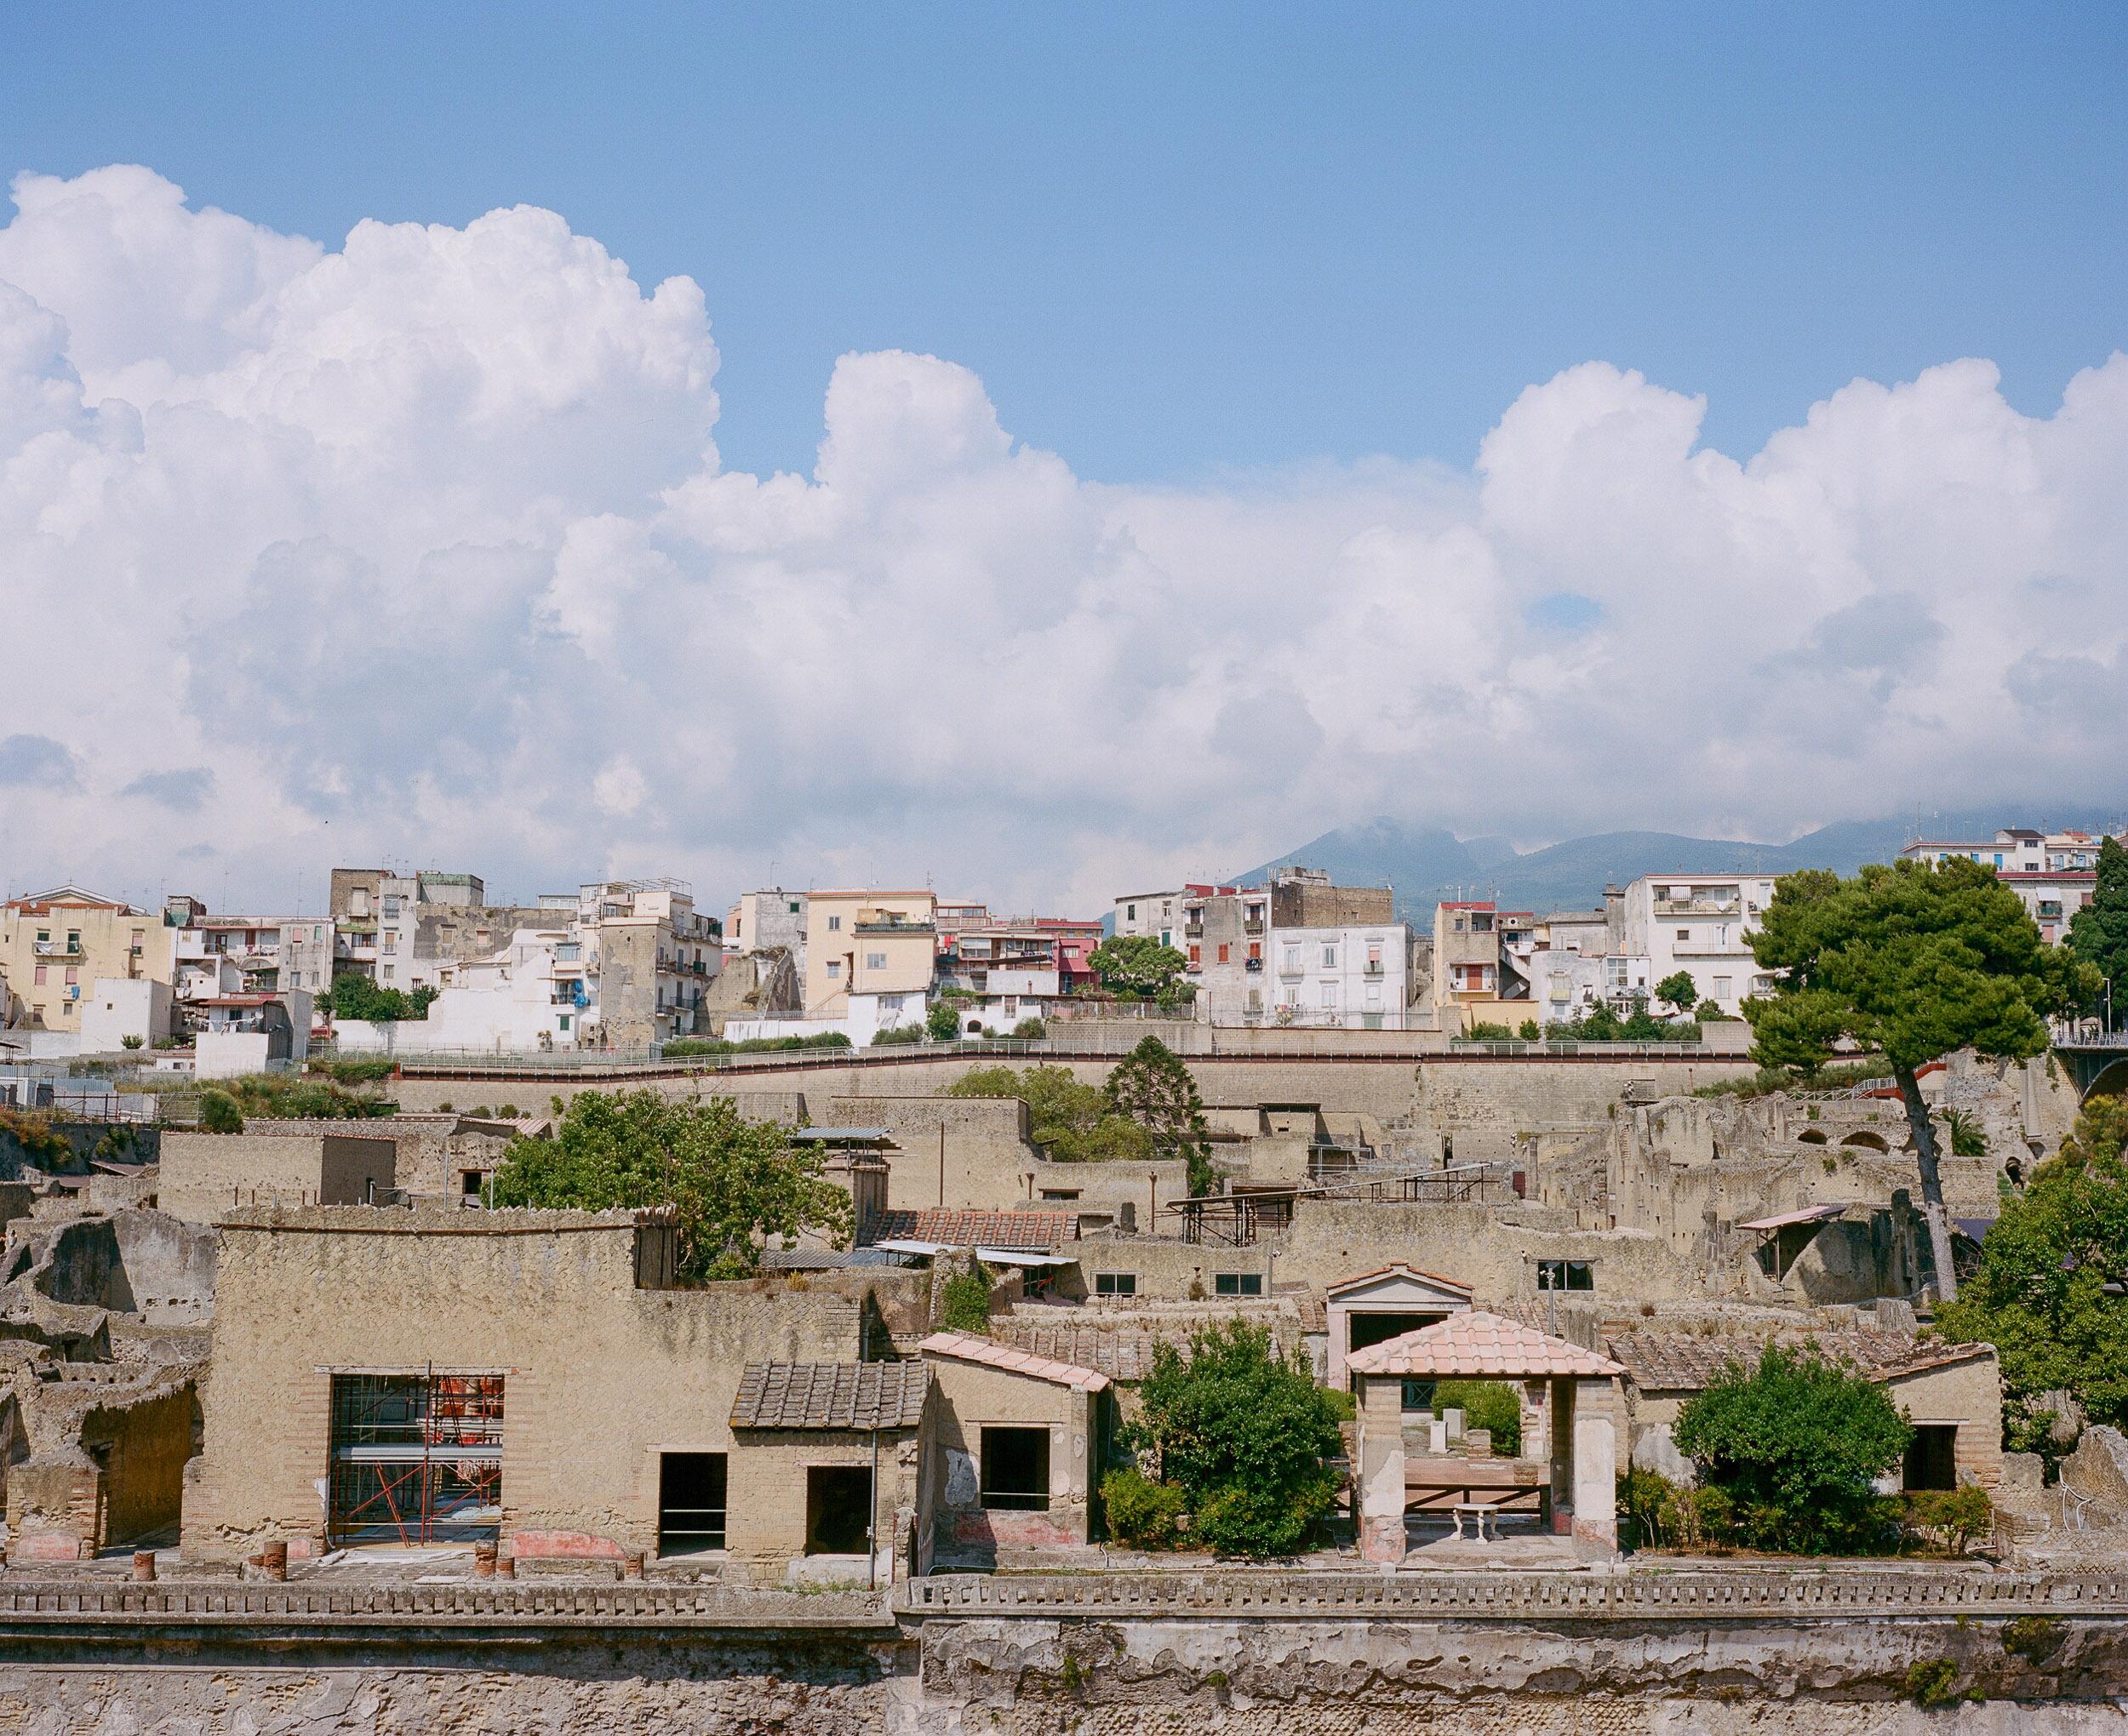 Clouds over Hurculeum ruins in Italy